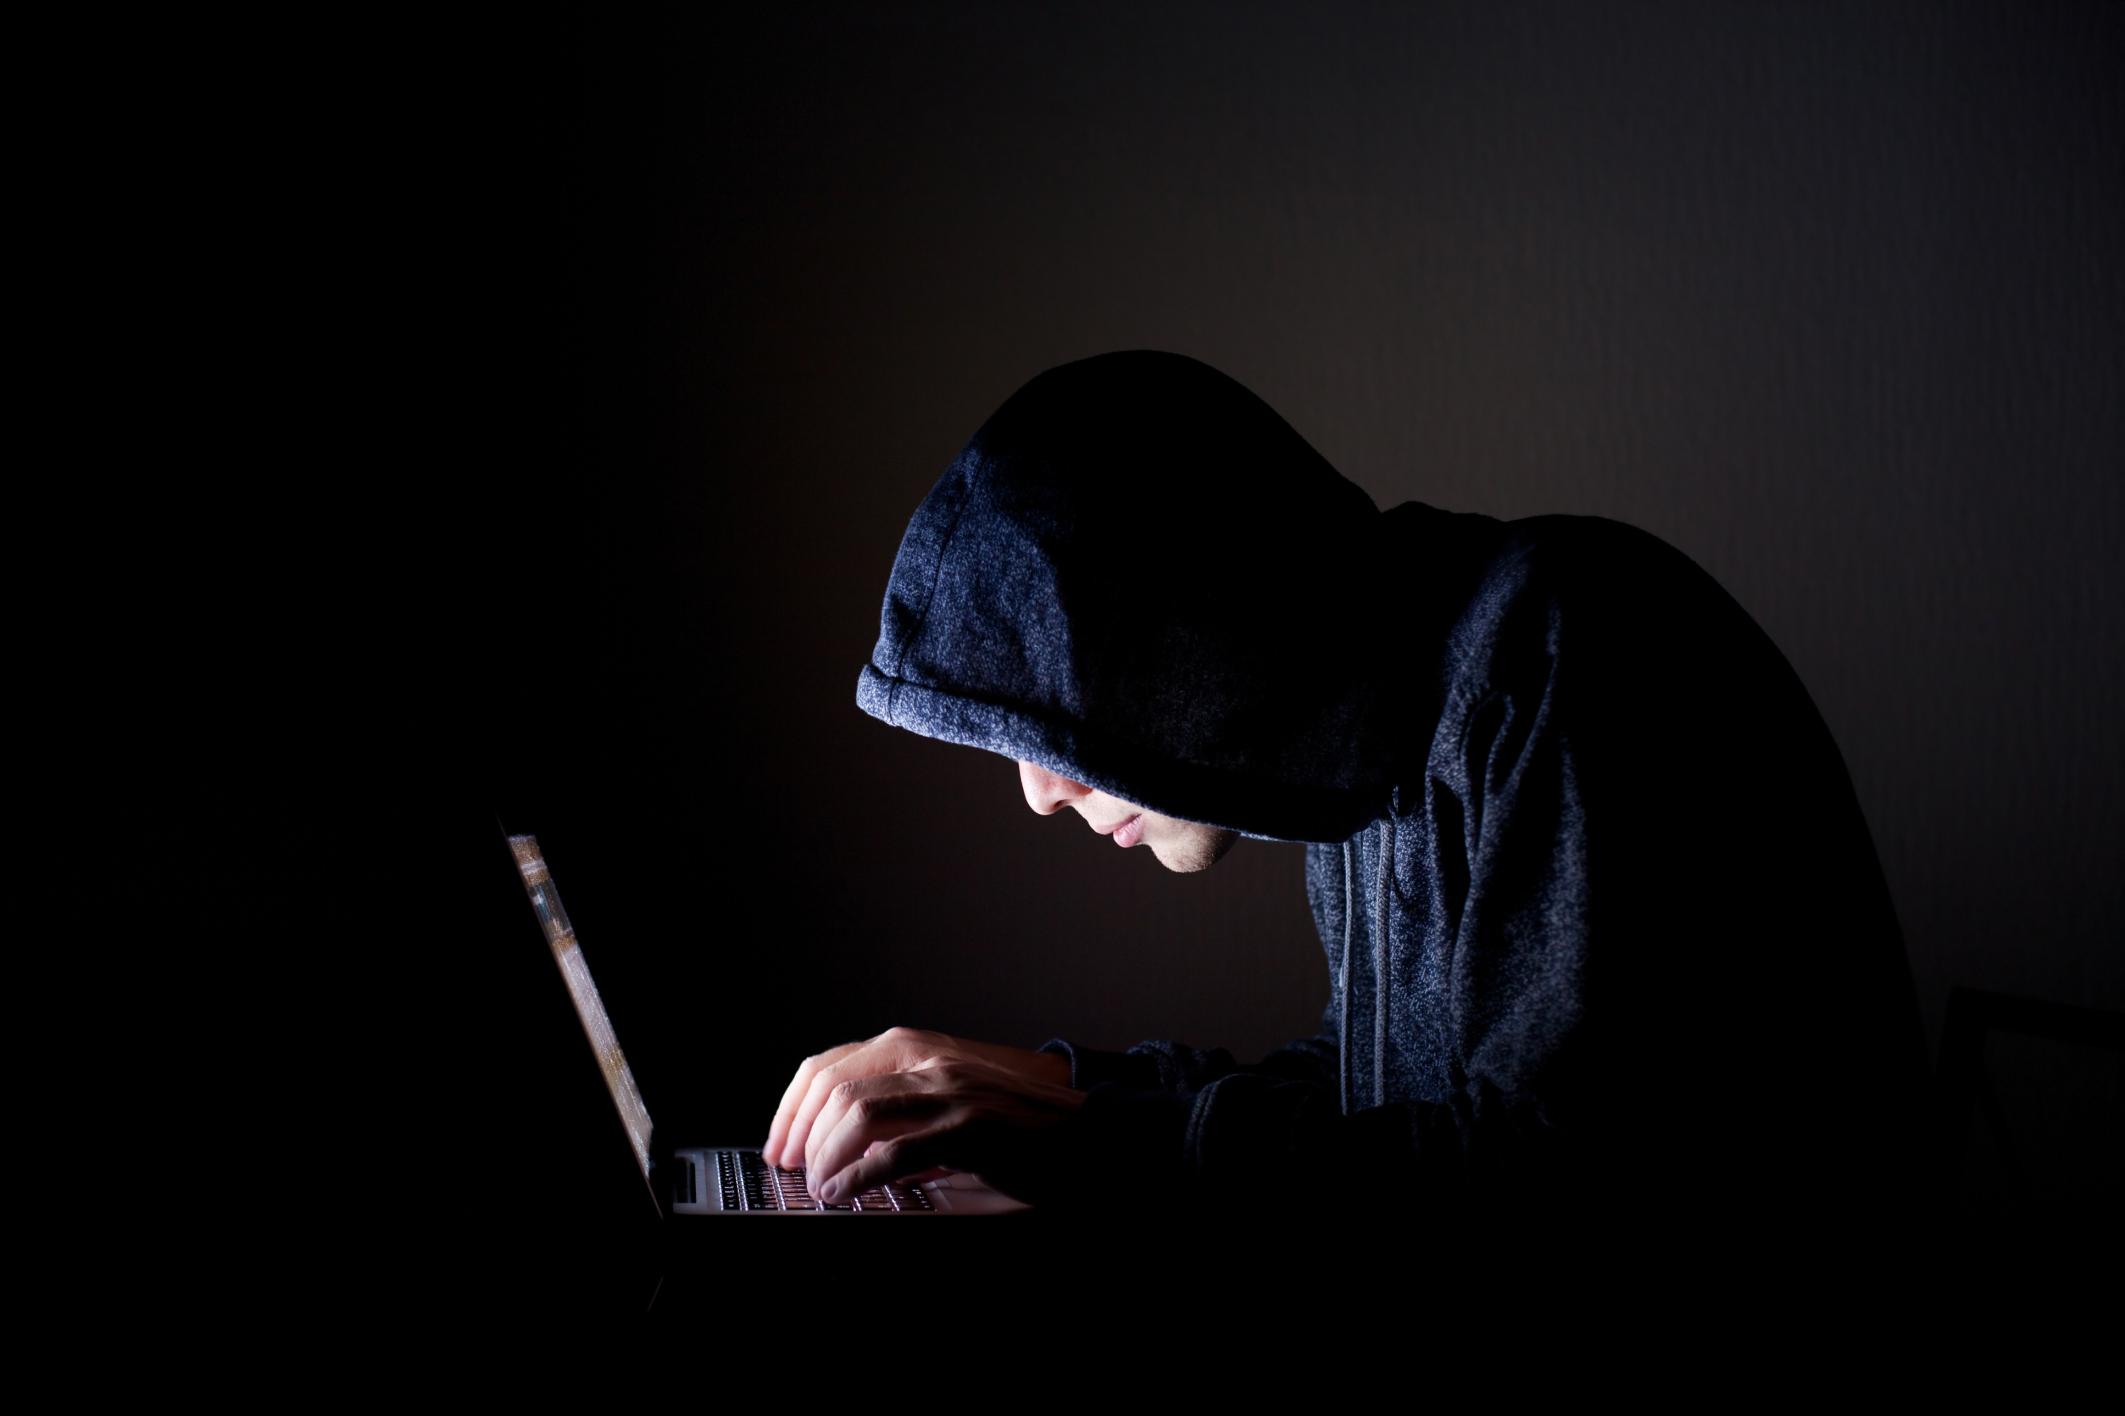 Man in dark hoodie leaning over laptop computer